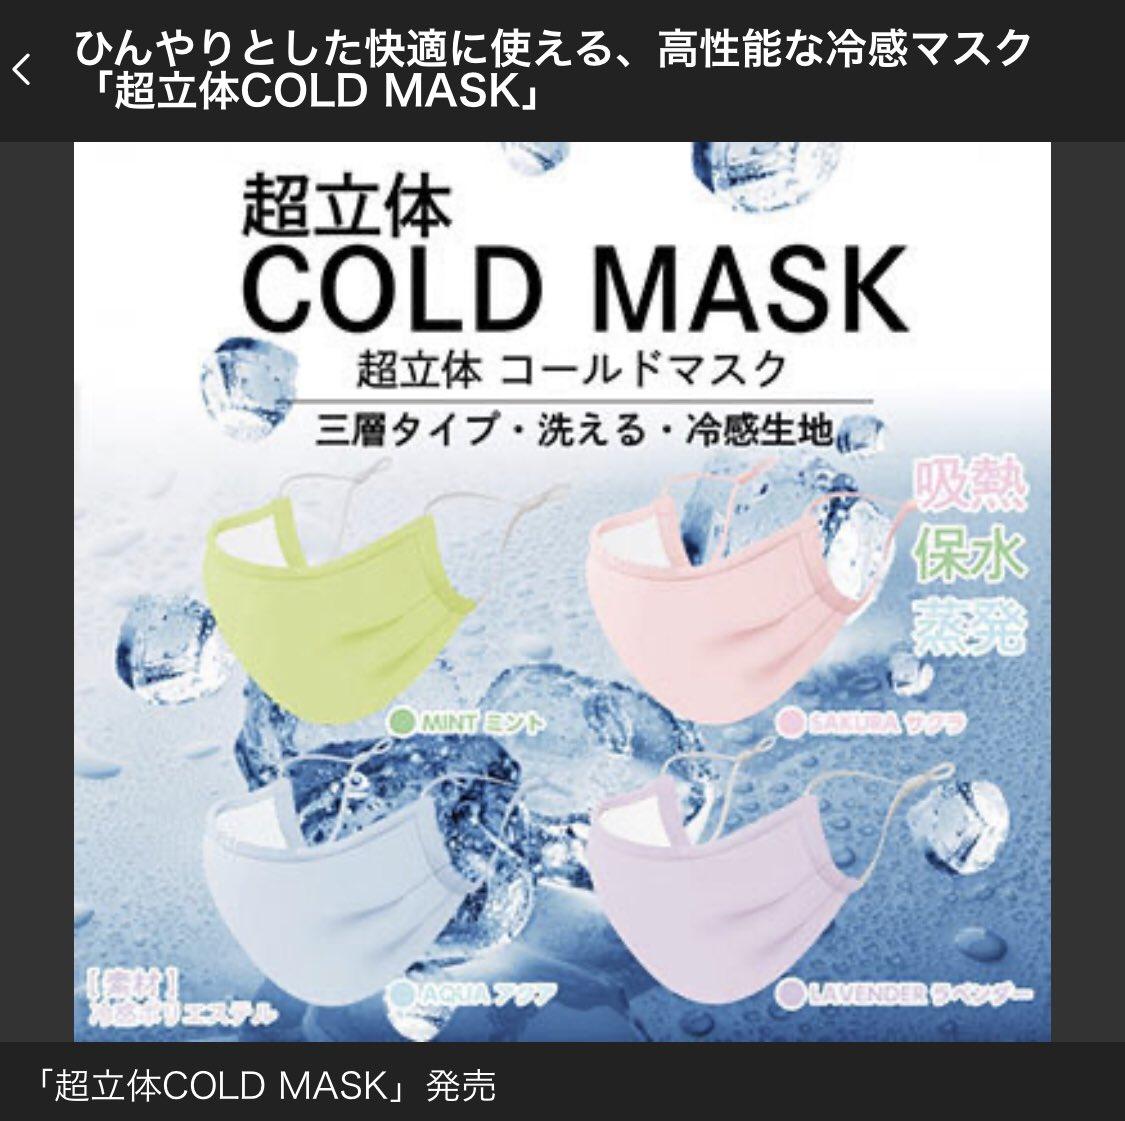 マスク mask 立体 超 cold コールド